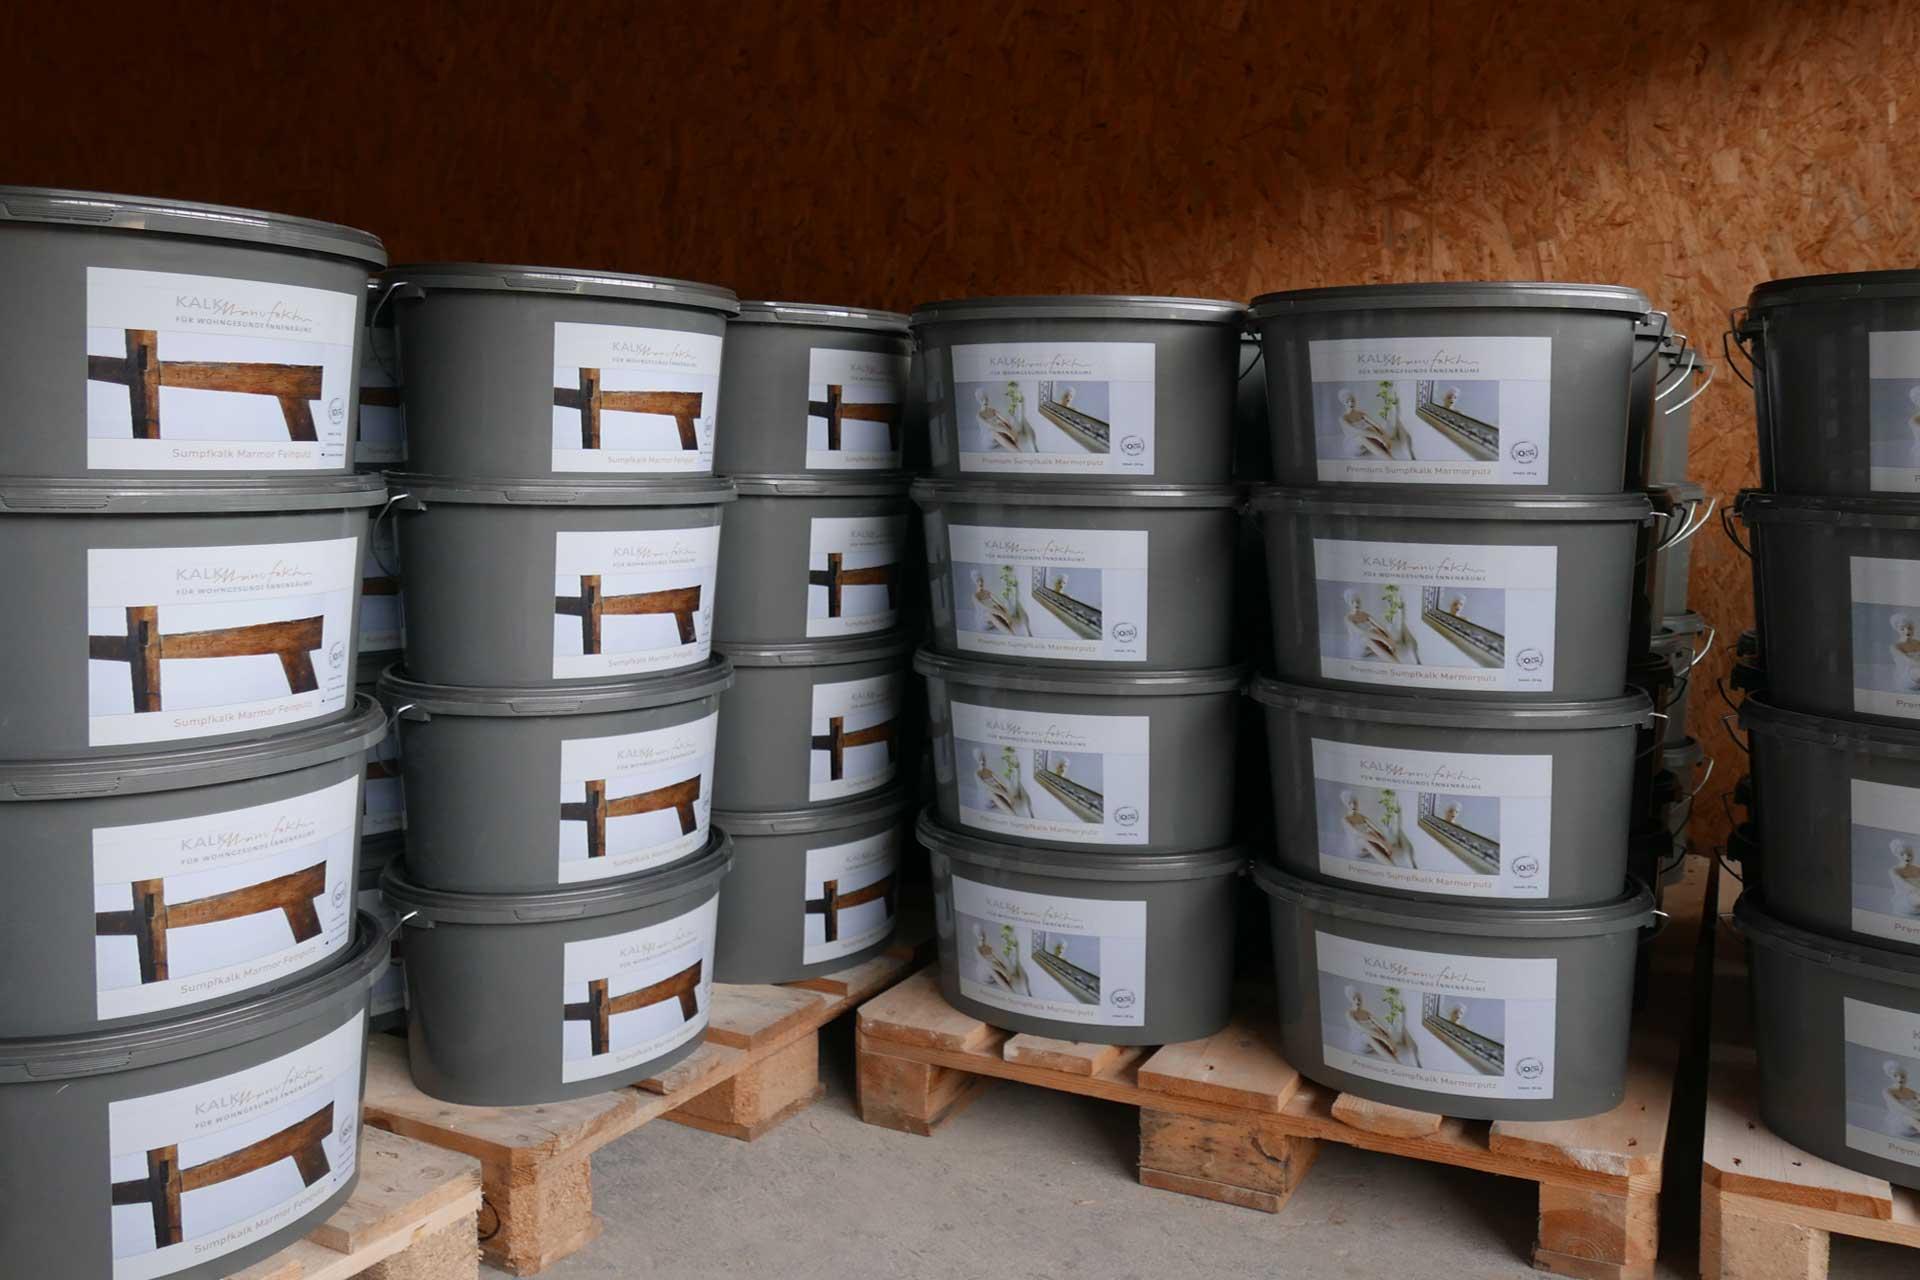 KalkManufaktur Mannheim - Die neuen Rezyklat-Recycling-Eimer von Jokey